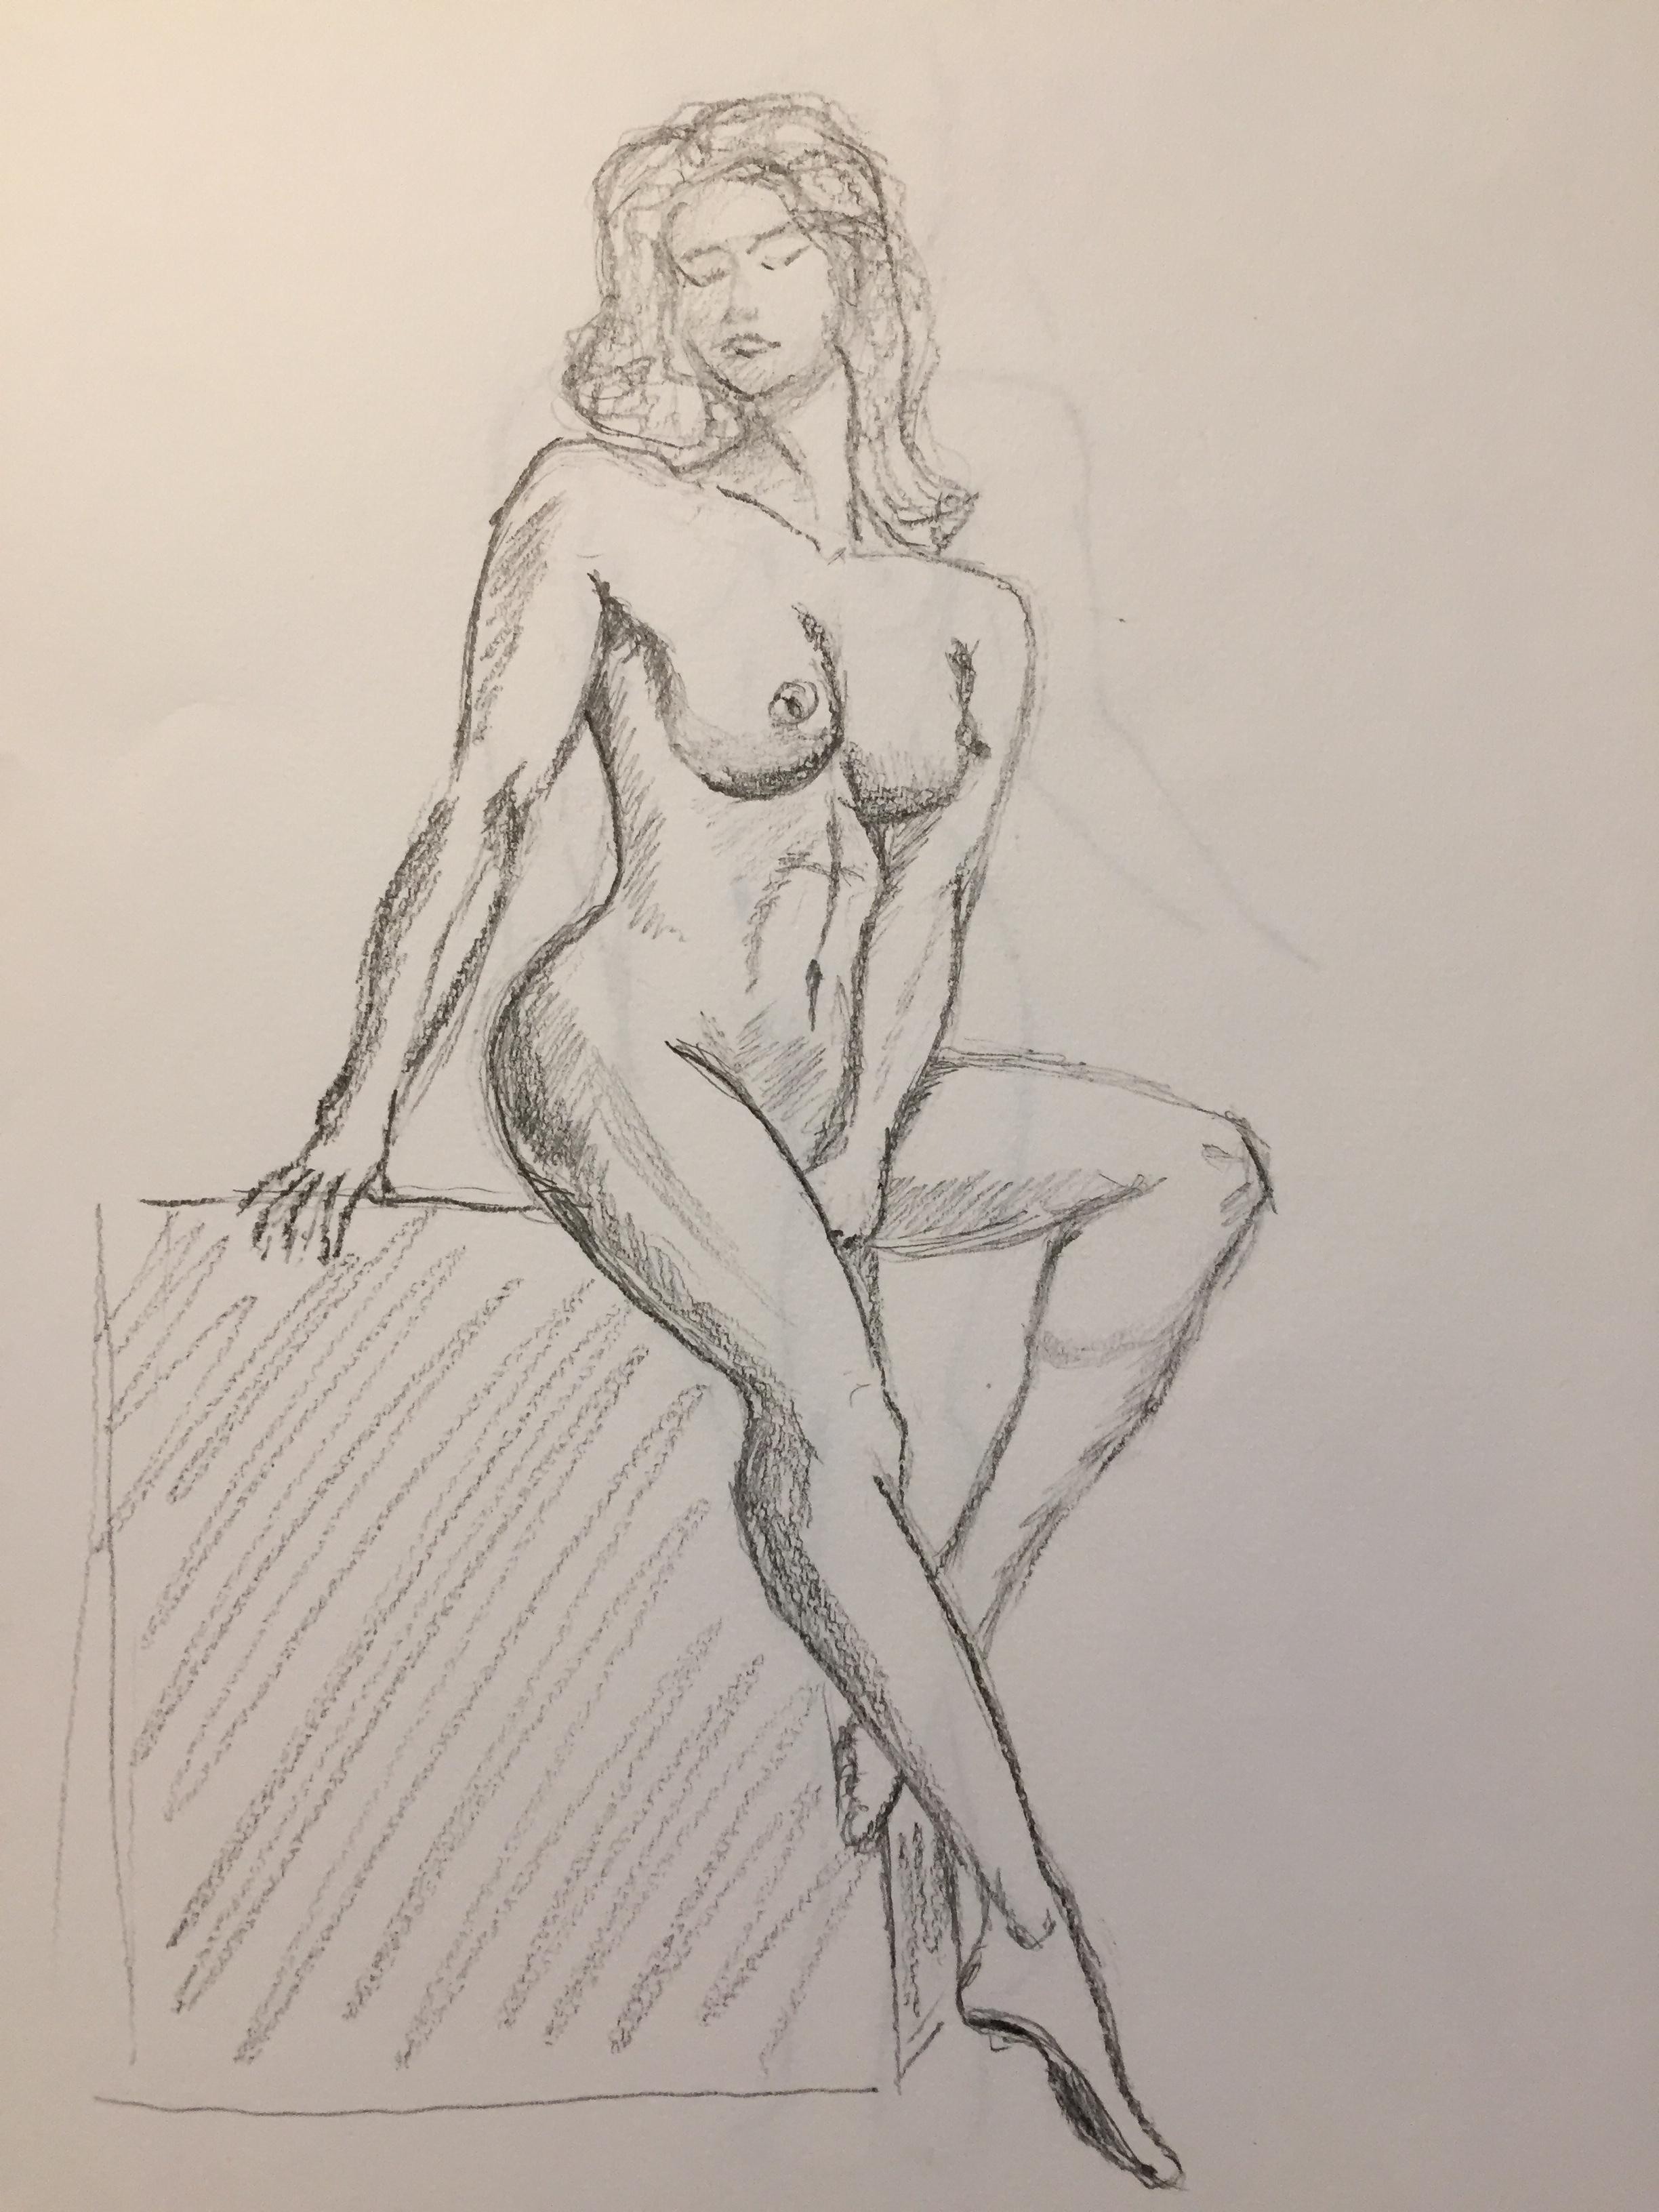 Dessin mod�le vivant crayon papier hachures  cours de dessin